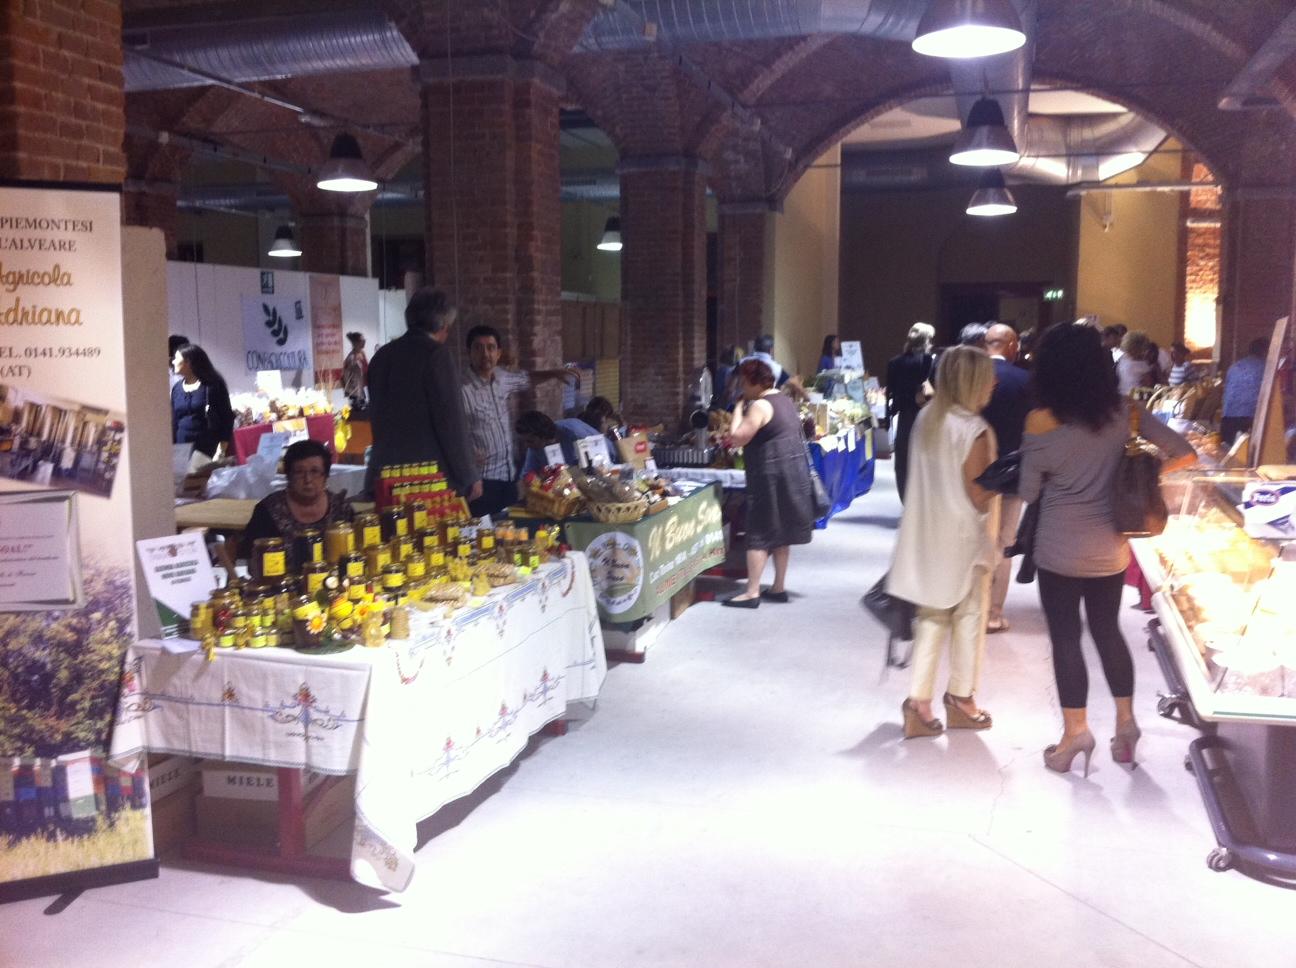 Asti fa Goal: in Douja salumi, formaggi, frutta, pane, dolci e mieli del Piemonte